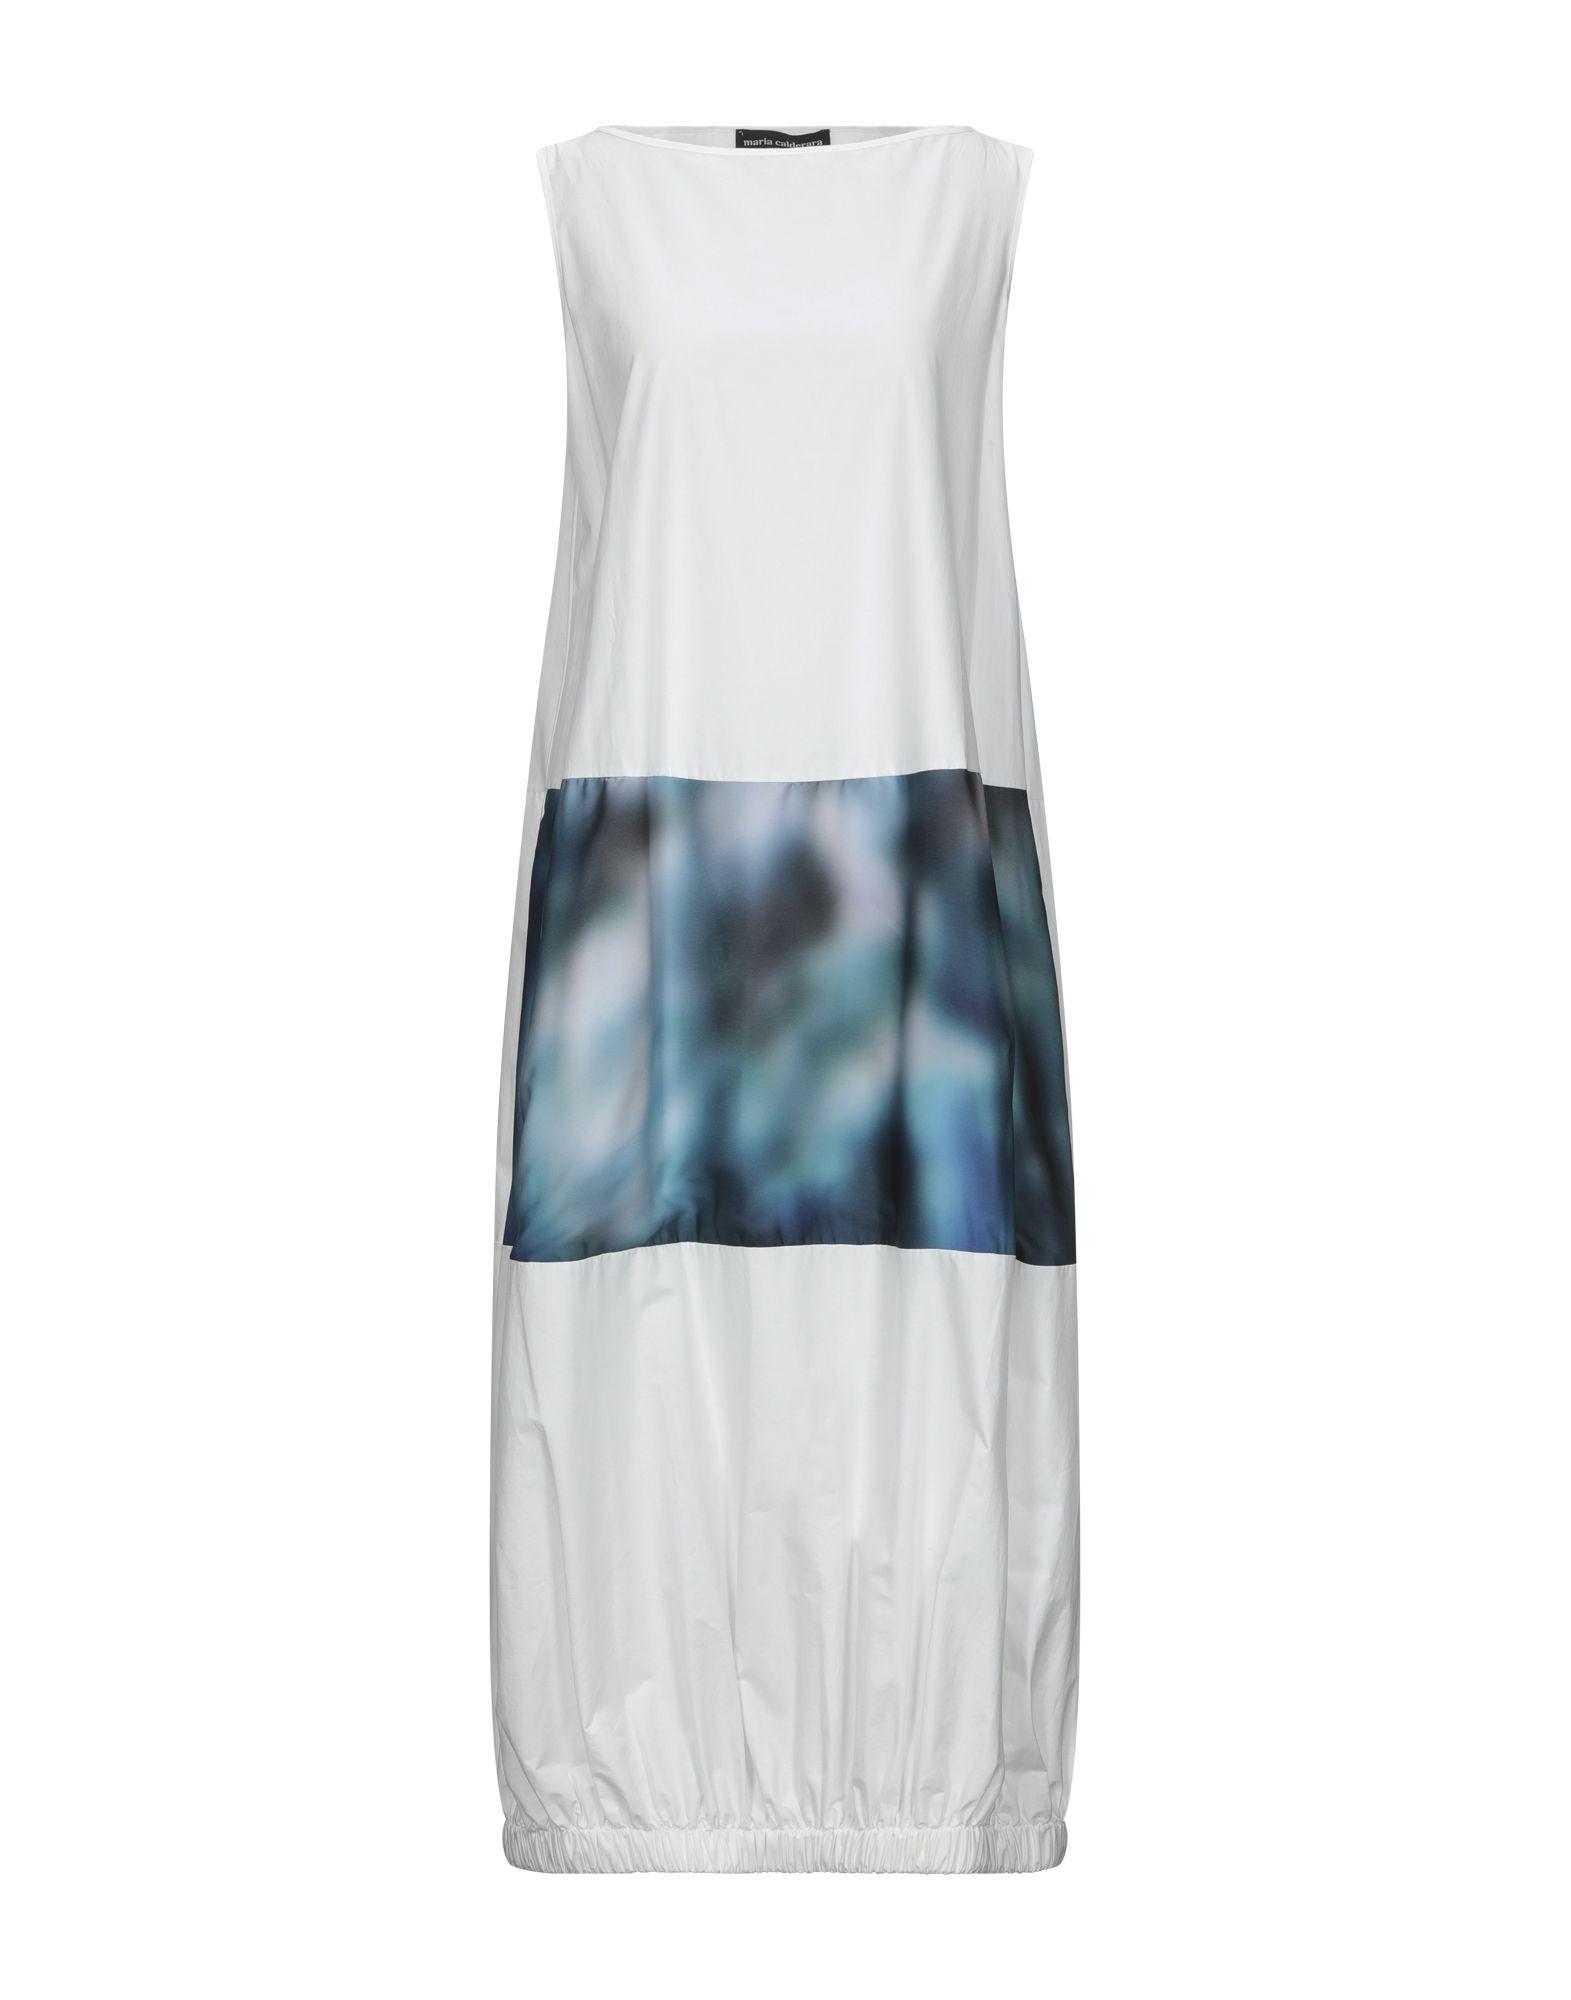 MARIA CALDERARA Платье длиной 3/4 maria calderara свитер